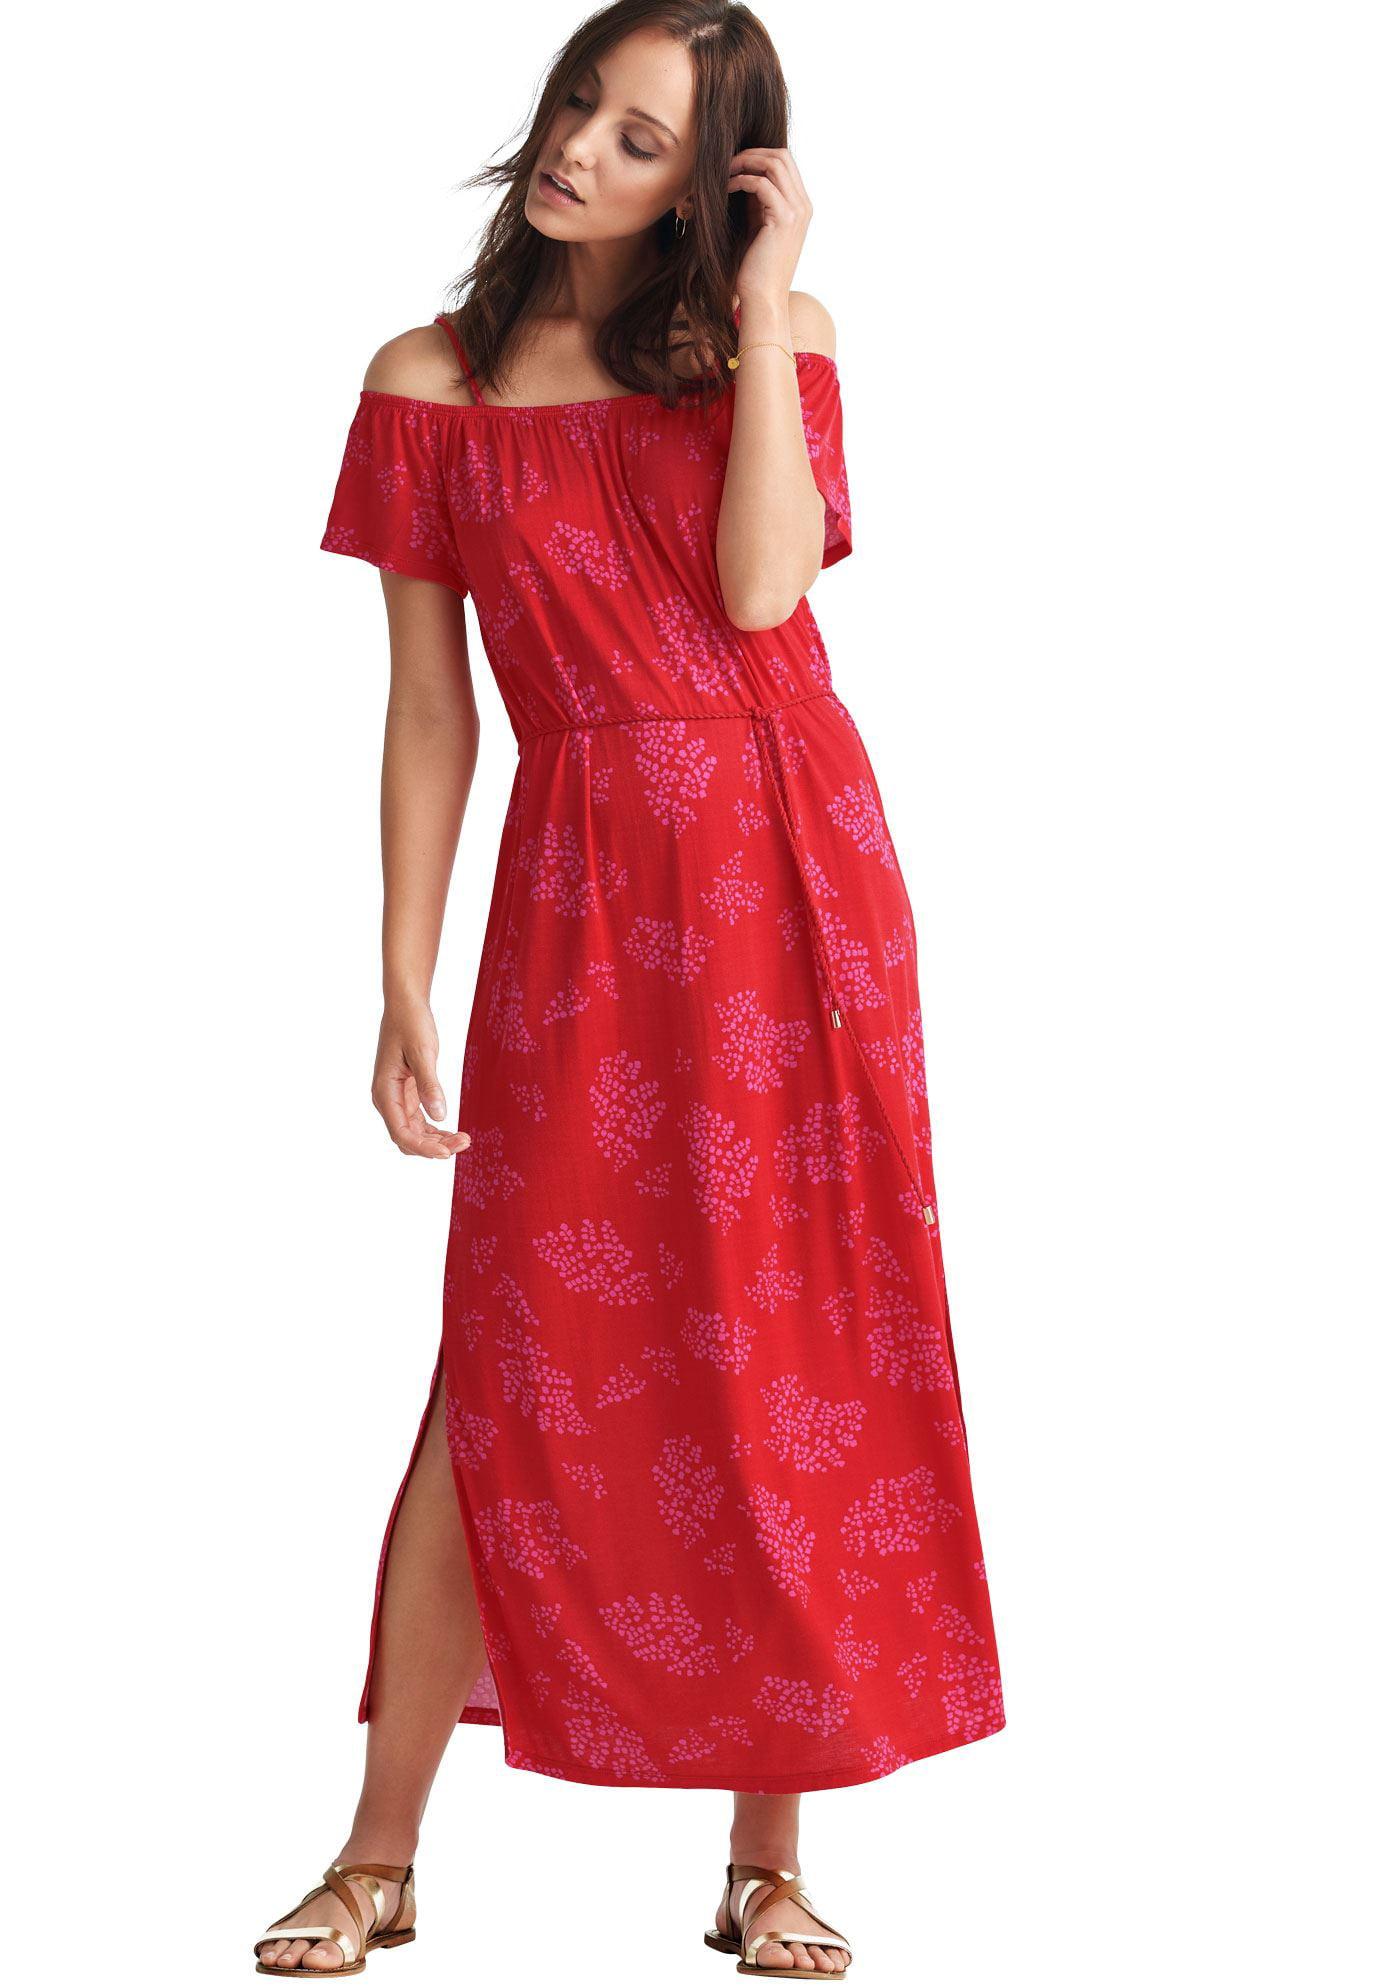 Ellos - Plus Size Off-the-shoulder Maxi Dress - Walmart.com